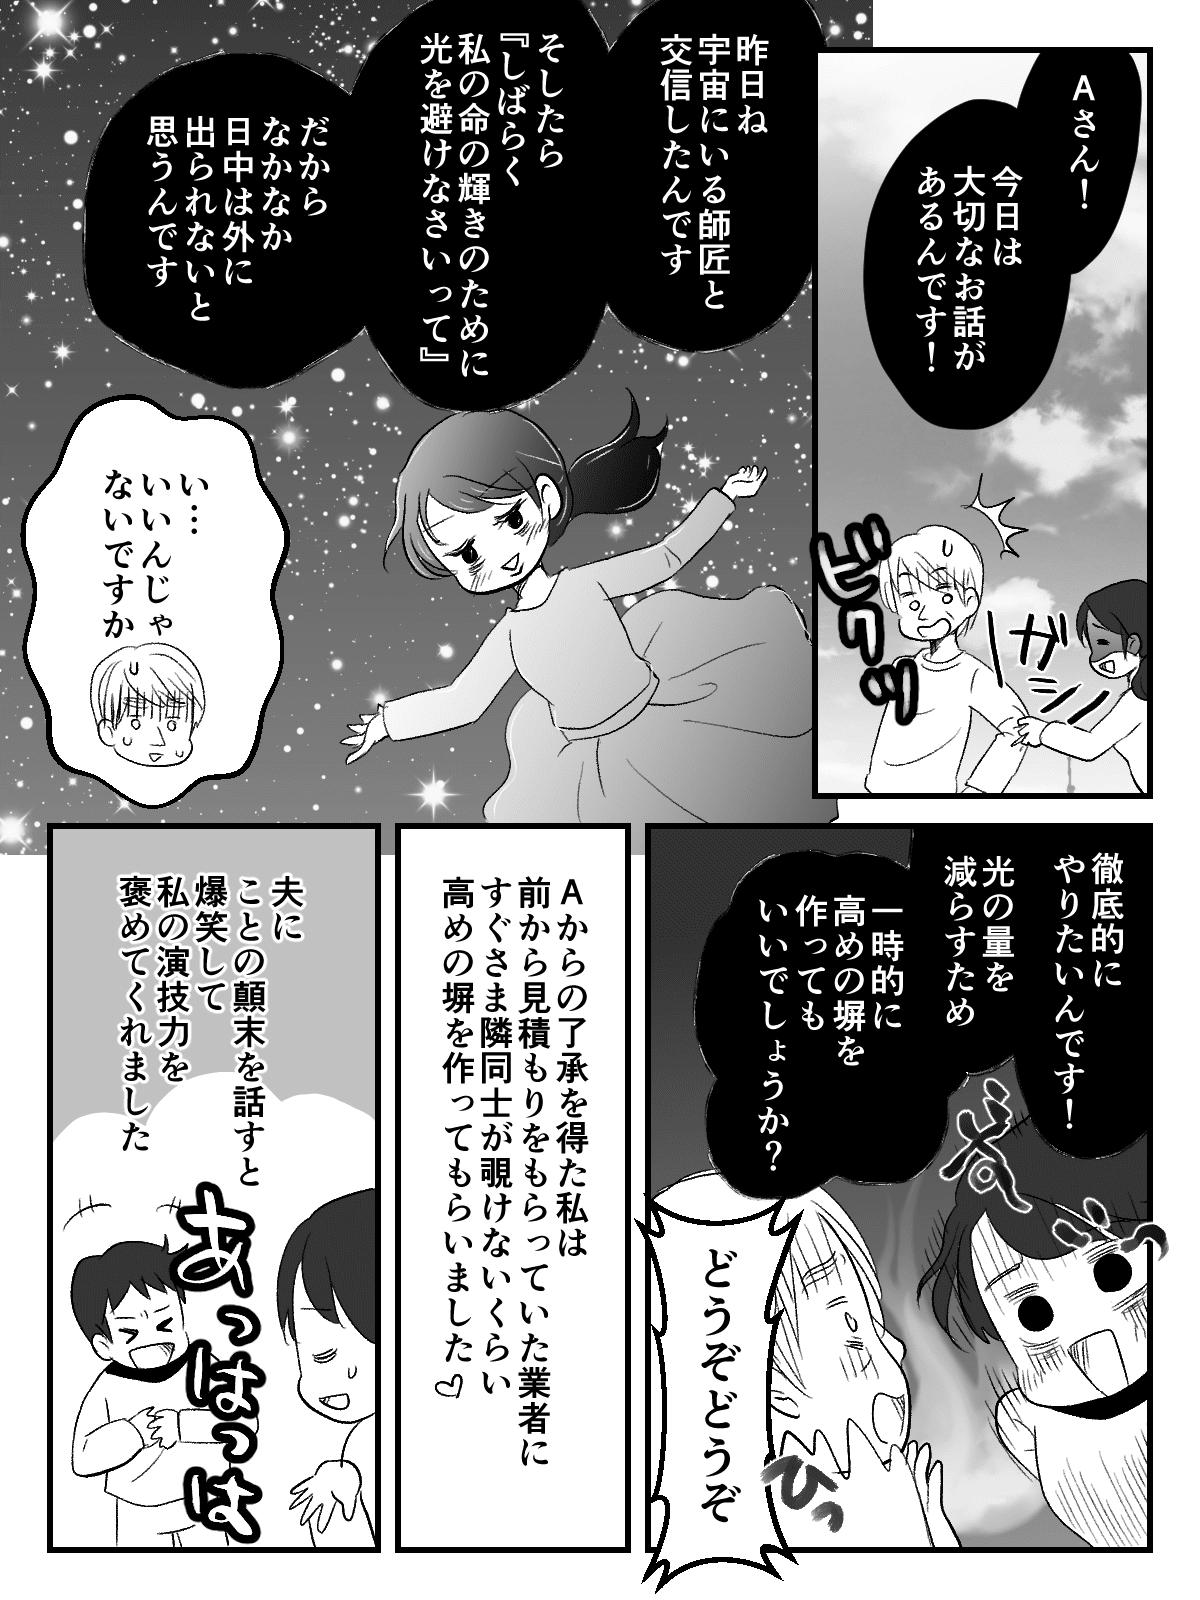 恐怖!距離を_出力_009